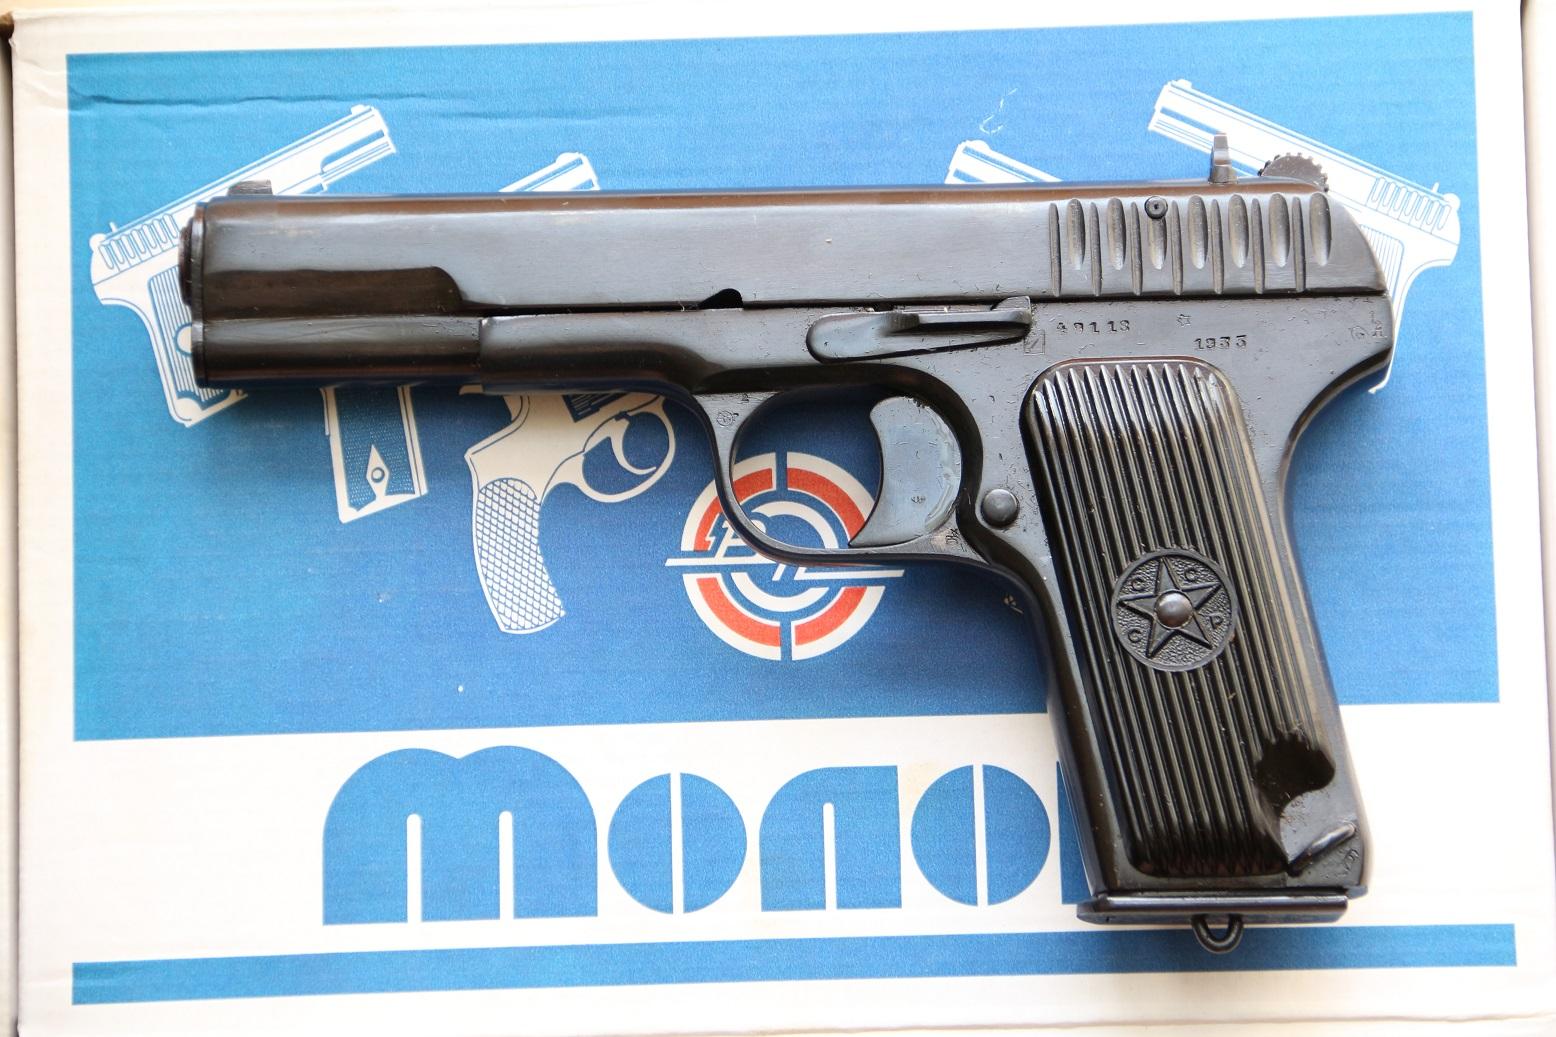 Фото Сигнальный пистолет ТТ-С 1935 года №48118